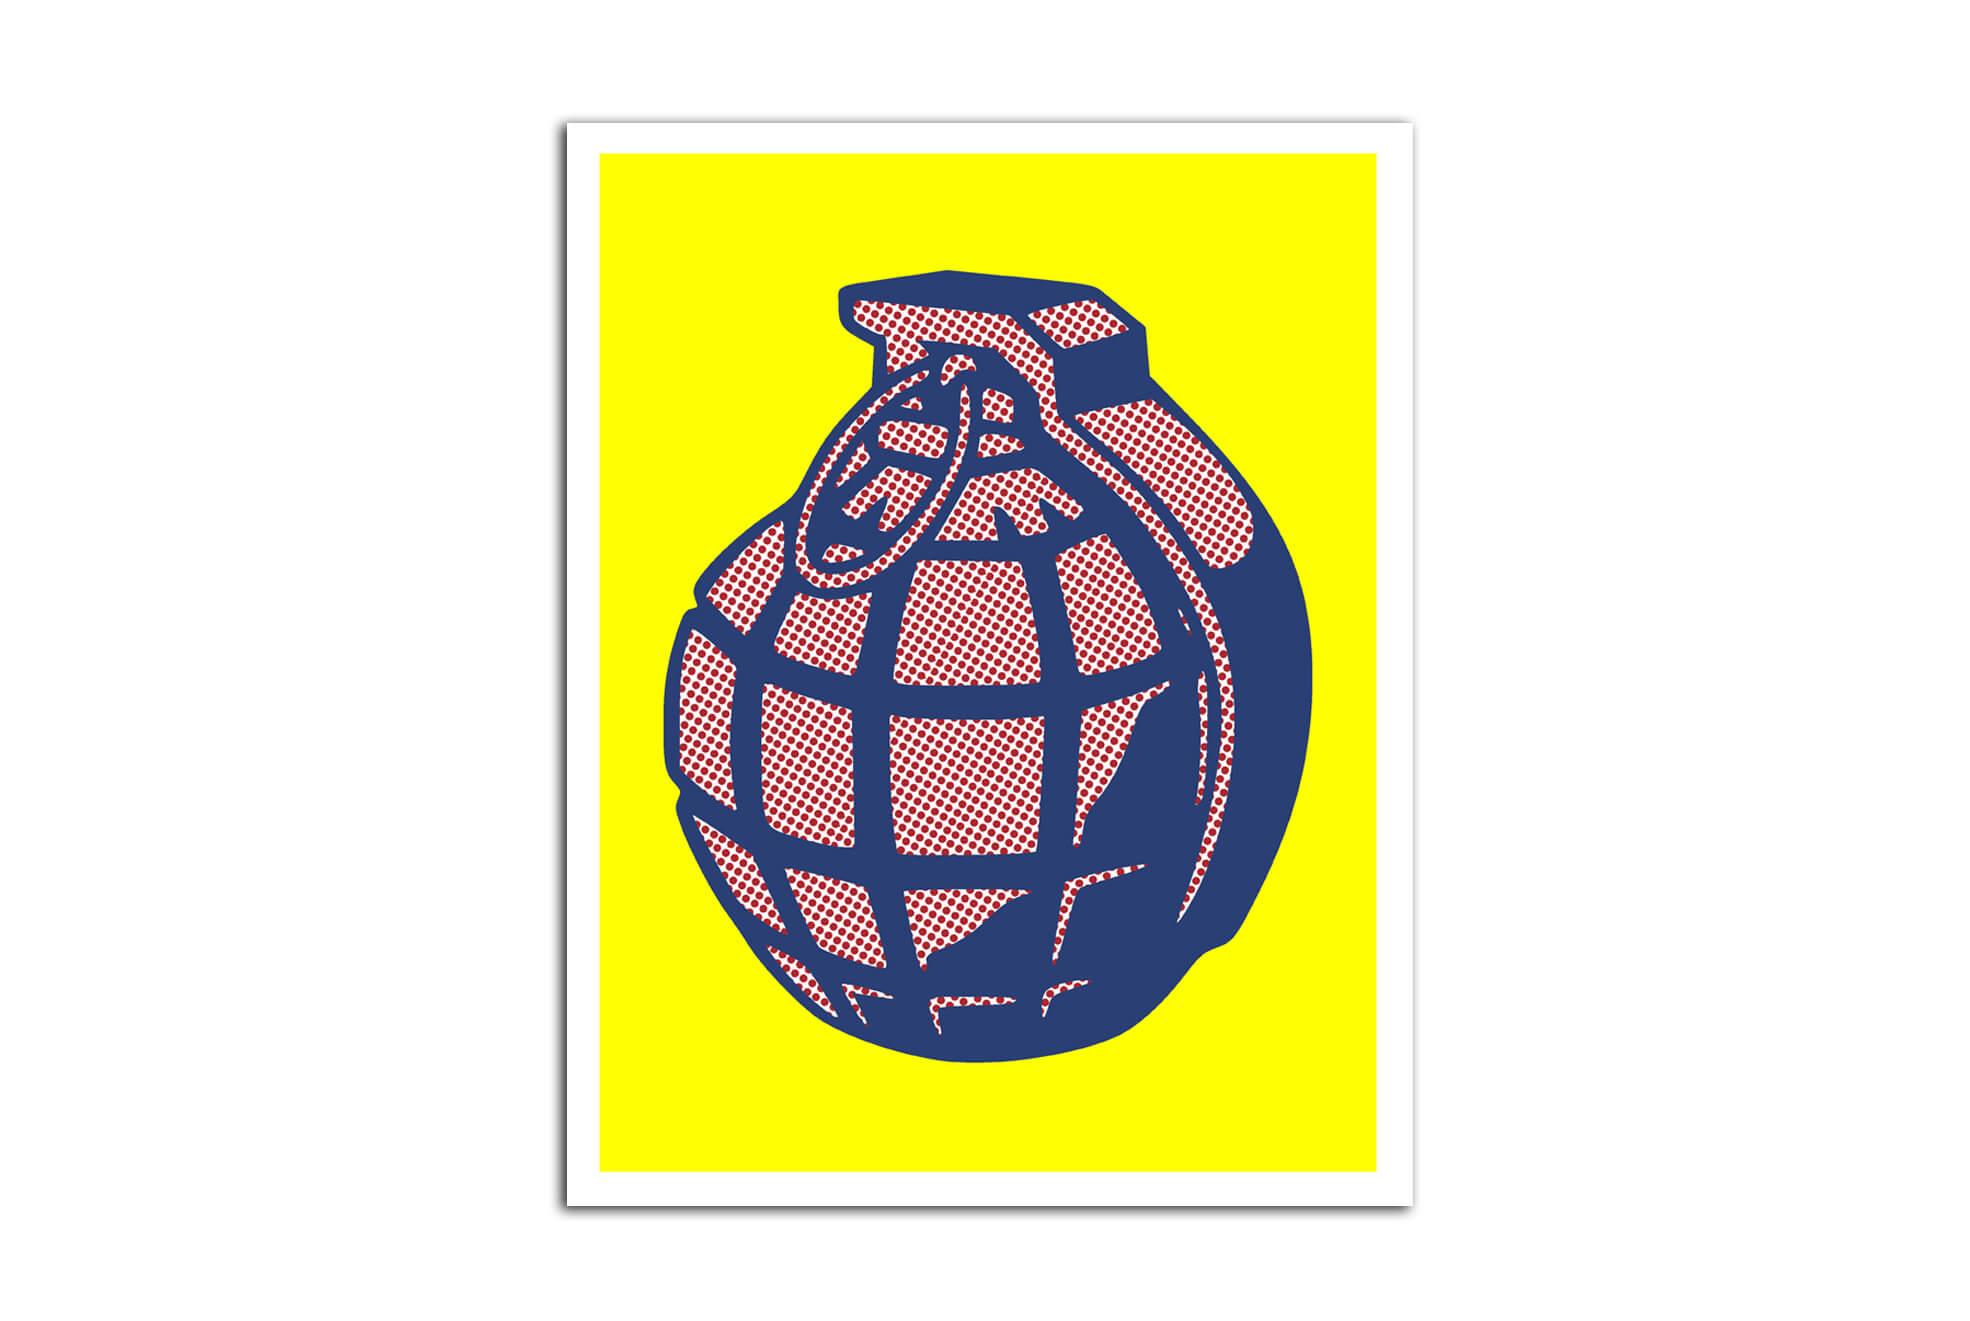 Posterpopartgranata 1970x1321